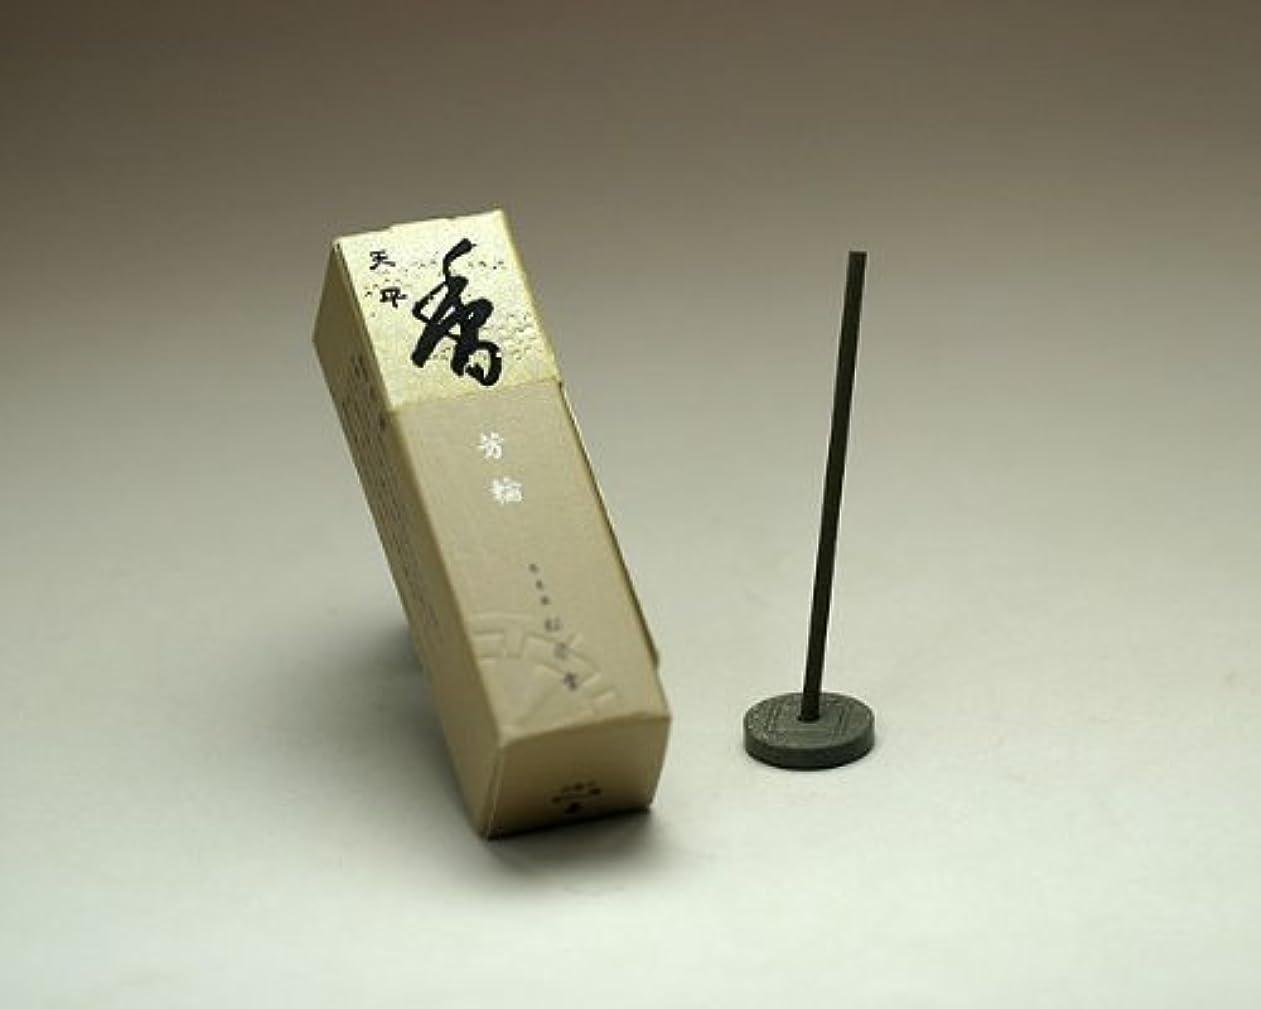 意識カウント版銘香芳輪 松栄堂のお香 芳輪天平 ST20本入 簡易香立付 #210523